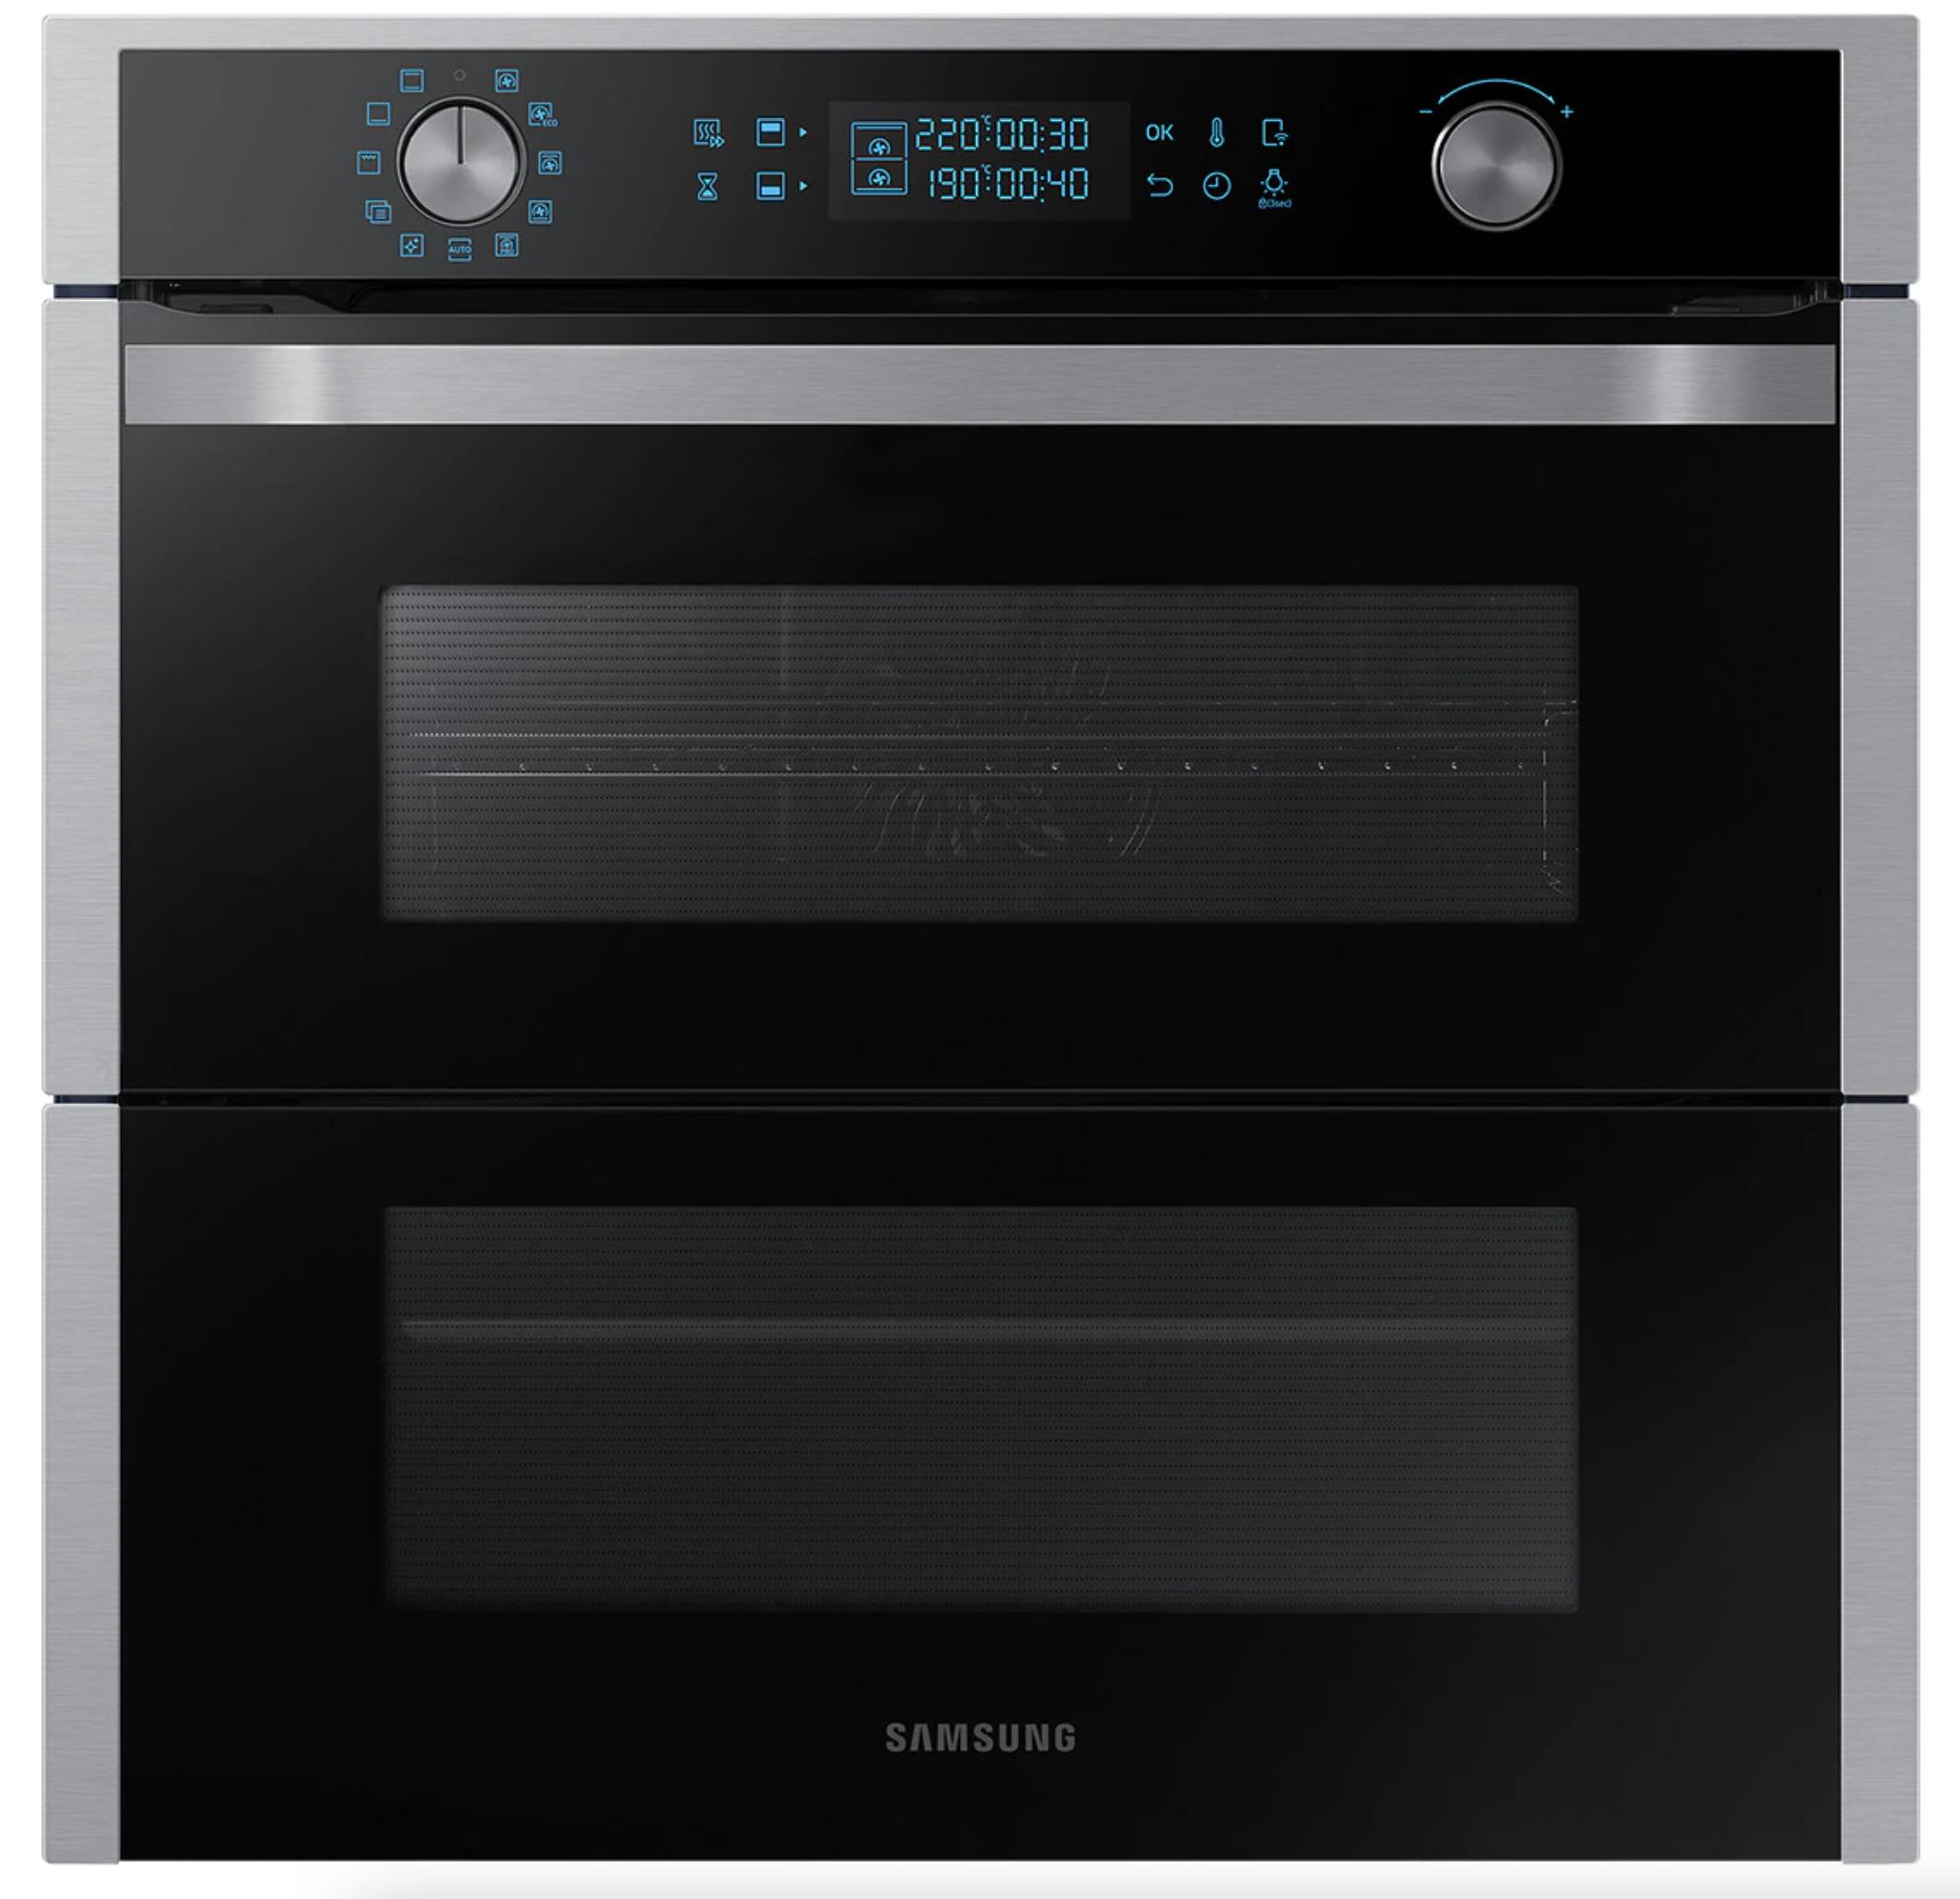 Horno multifunción Samsung Dual Cook Flex WiFi NV75N7677RS/EC pirolítico